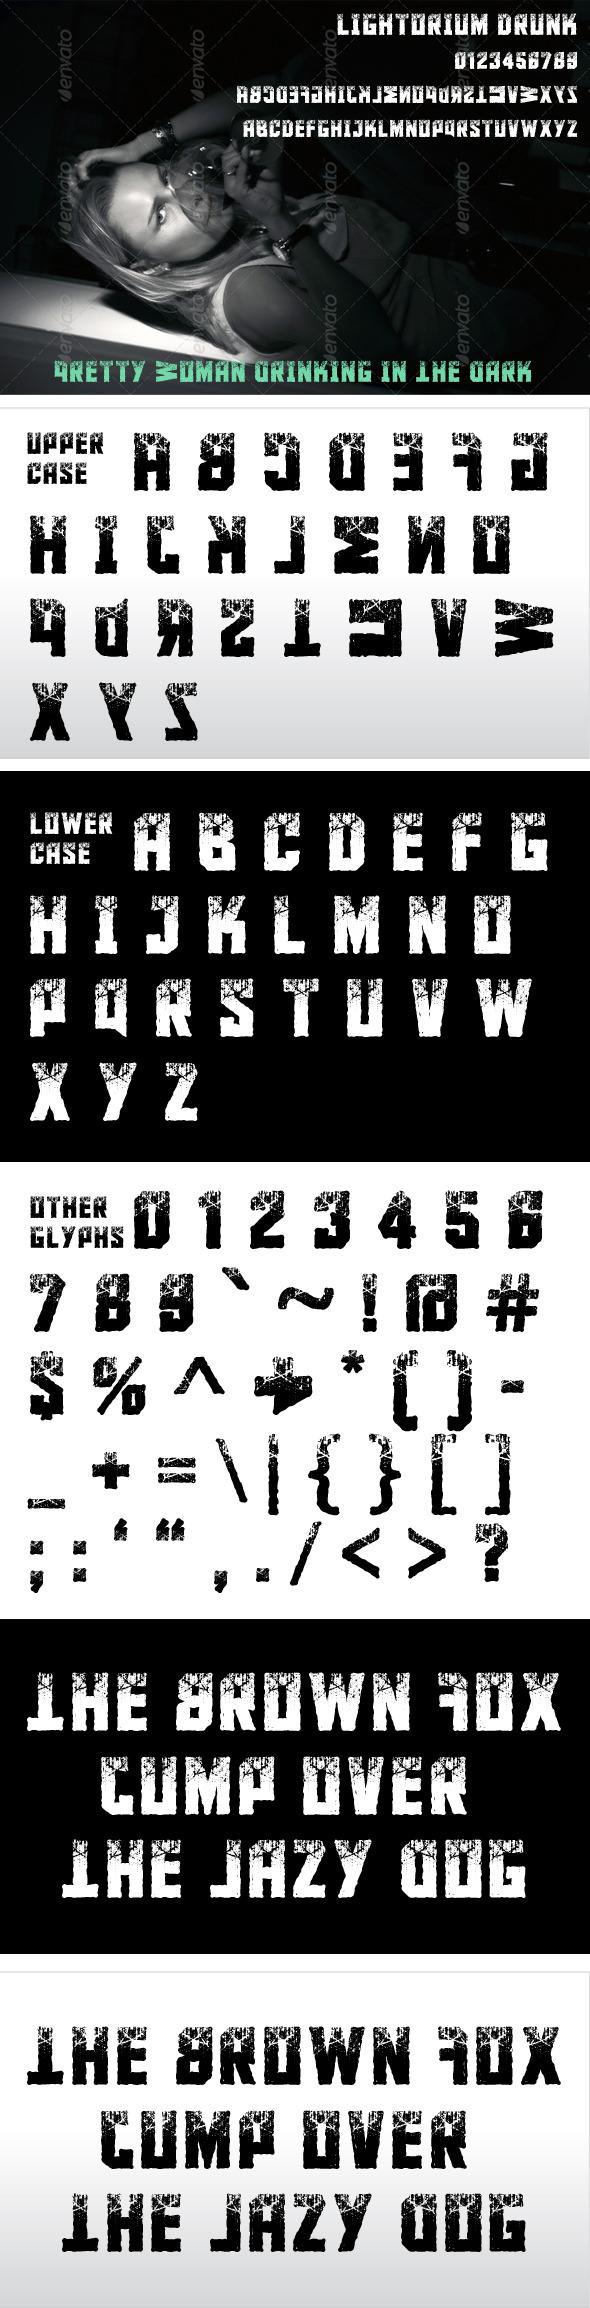 GraphicRiver Lightorium Drunk 8678899